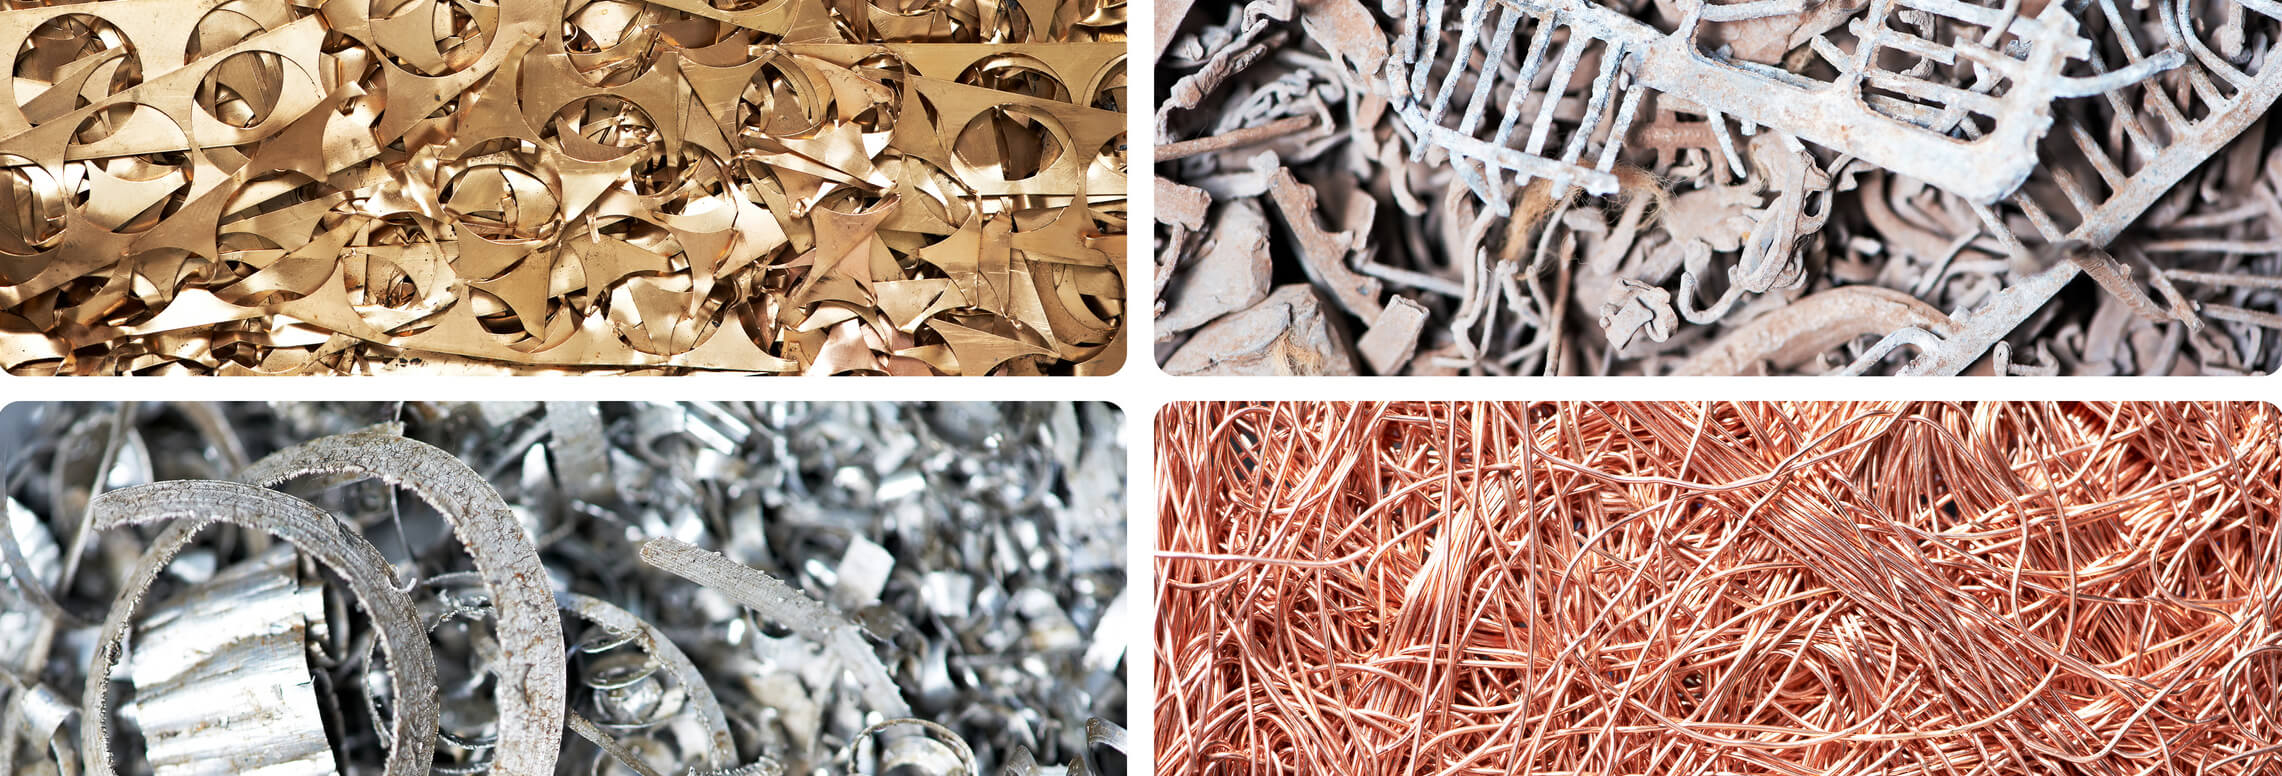 Buntmetall und Altmetall wie Messing Kupfer Aluminium Edelstahl und Blei